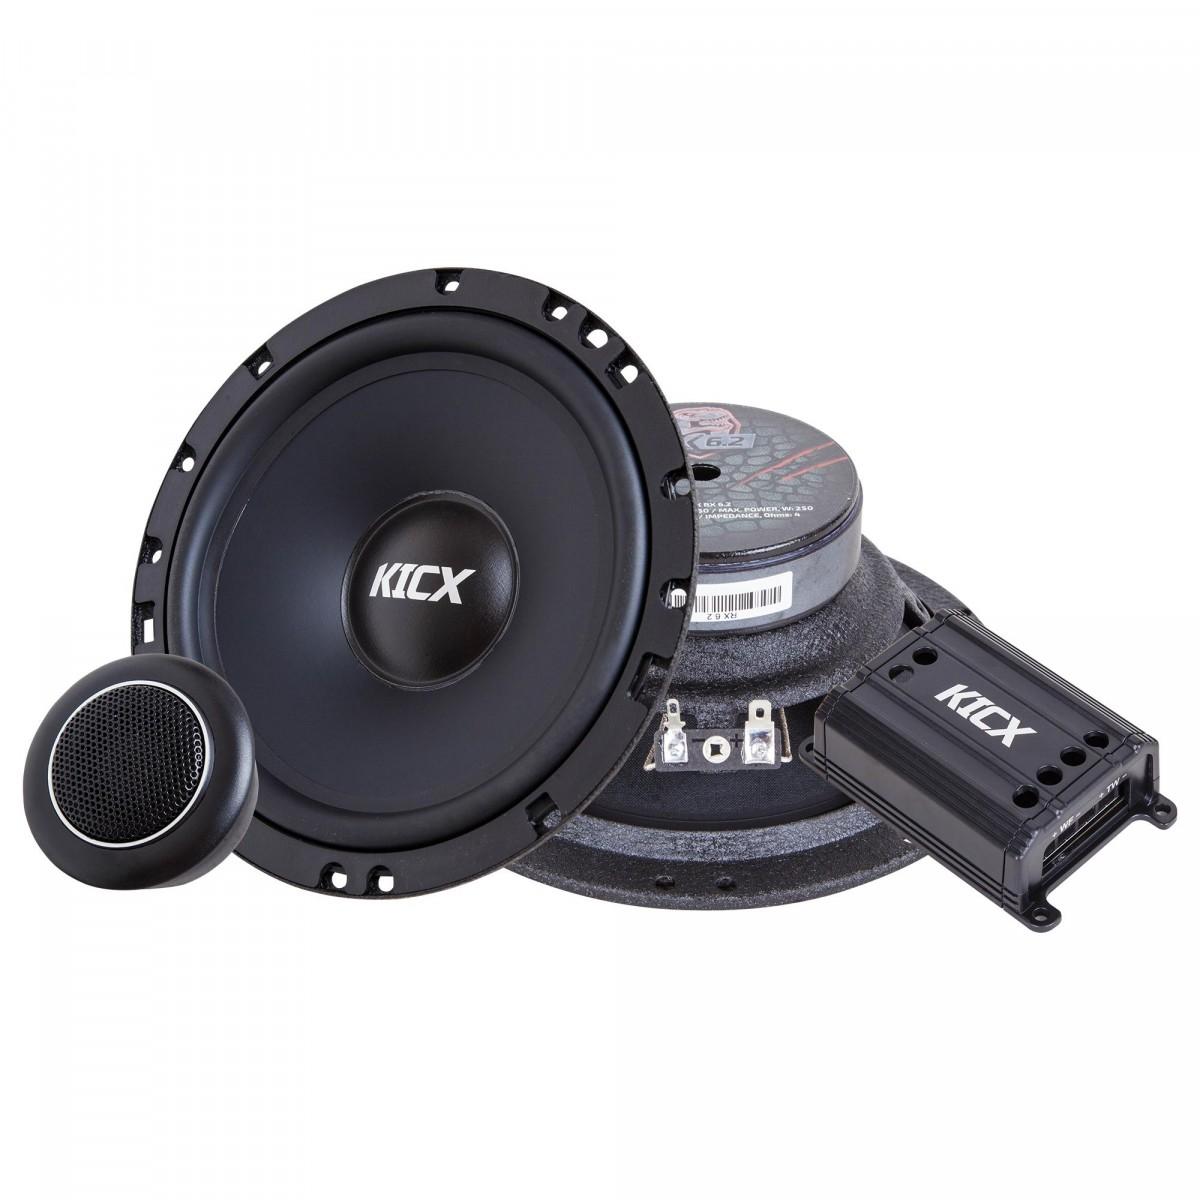 Компонентная акустика Kicx RX 6.2